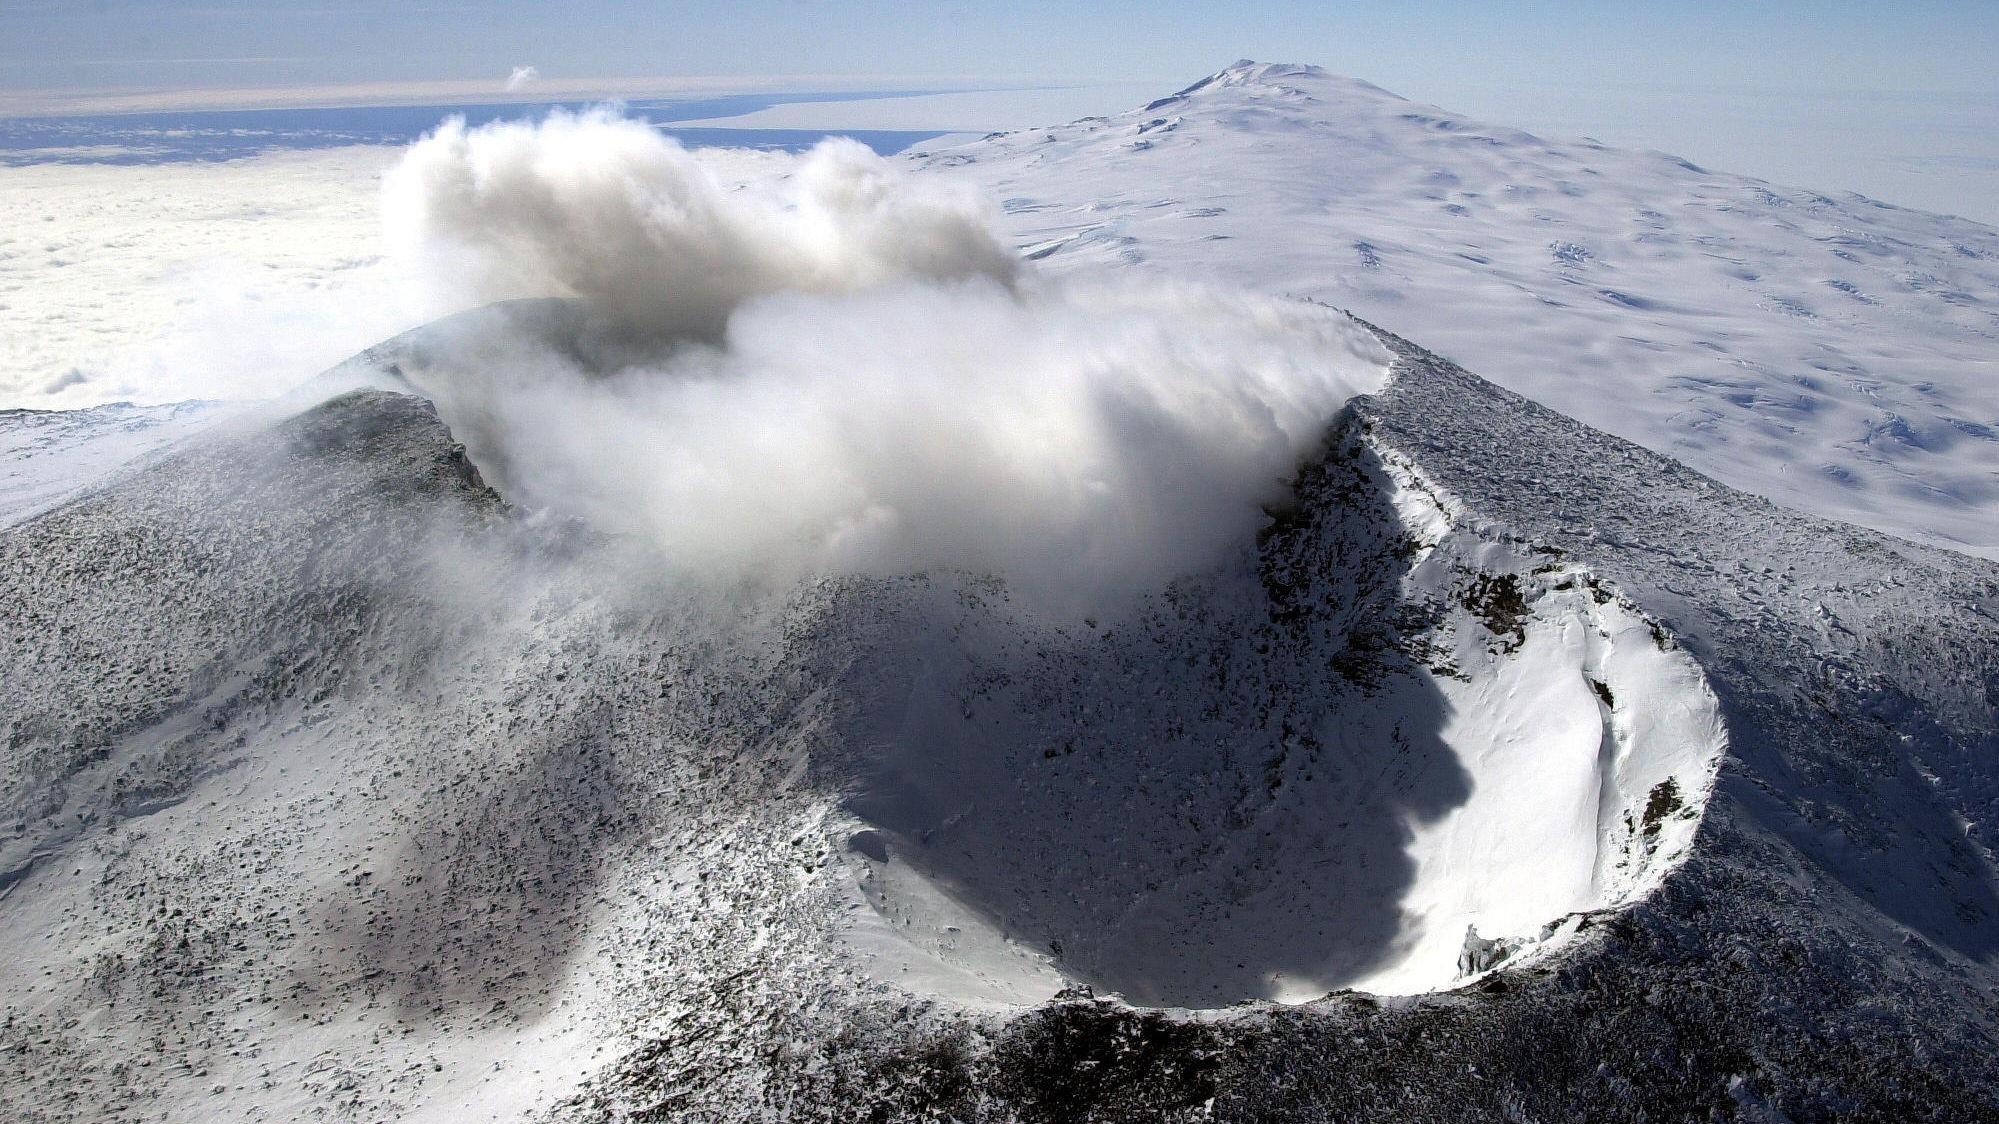 Under den aktive vulkanen og fjellet Erebus på Rossøya i Antarktis har varmen fra vulkanen gravd ut et helt system av huler. Her kan temperaturen bli opp til 25 plussgrader celsius selv om gjennomsnittstemperaturen på Rossøya er -17 grader.